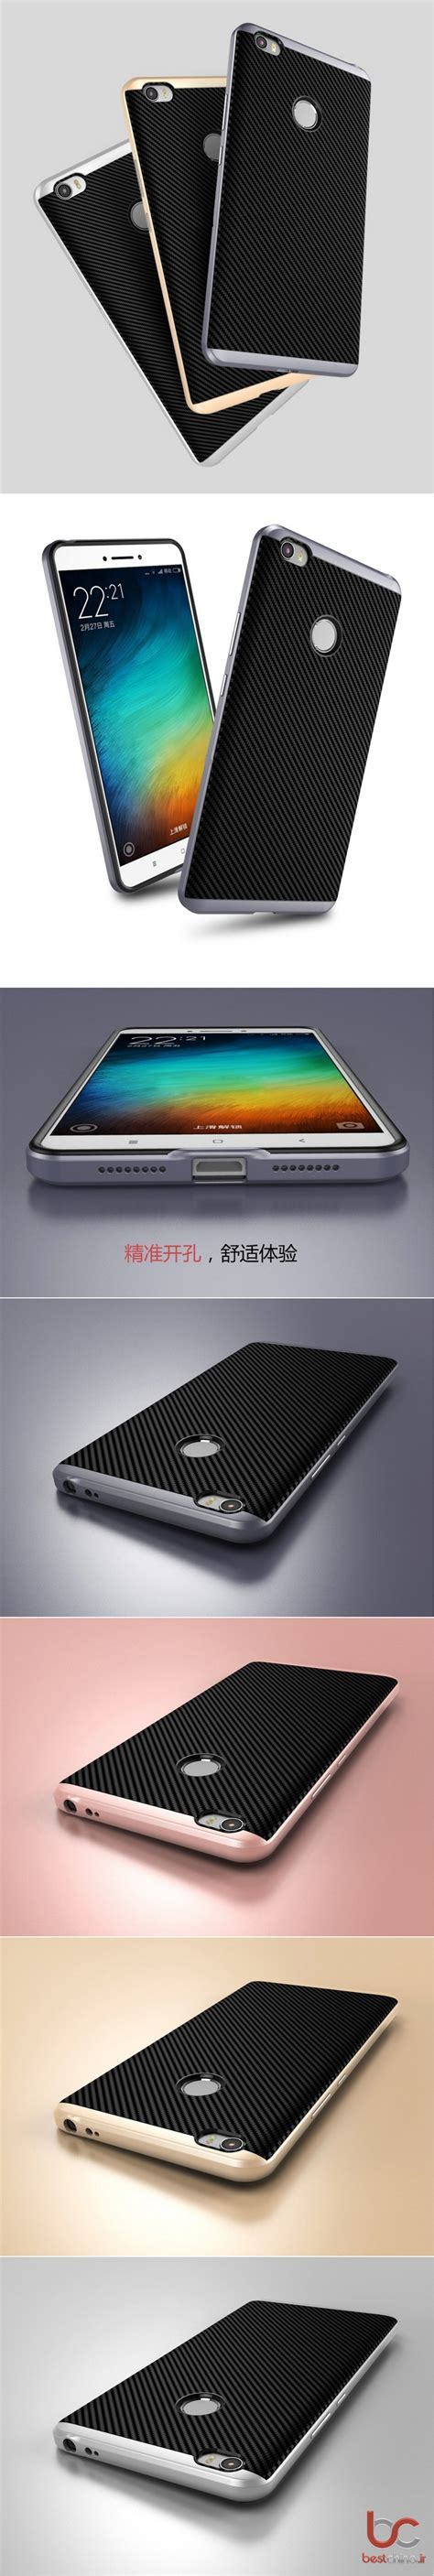 Ipaky Xiaomi Mi Max Back Cover Softshell 崧 綷 綷 綷 綷 寘 xiaomi mi max ucase back cover